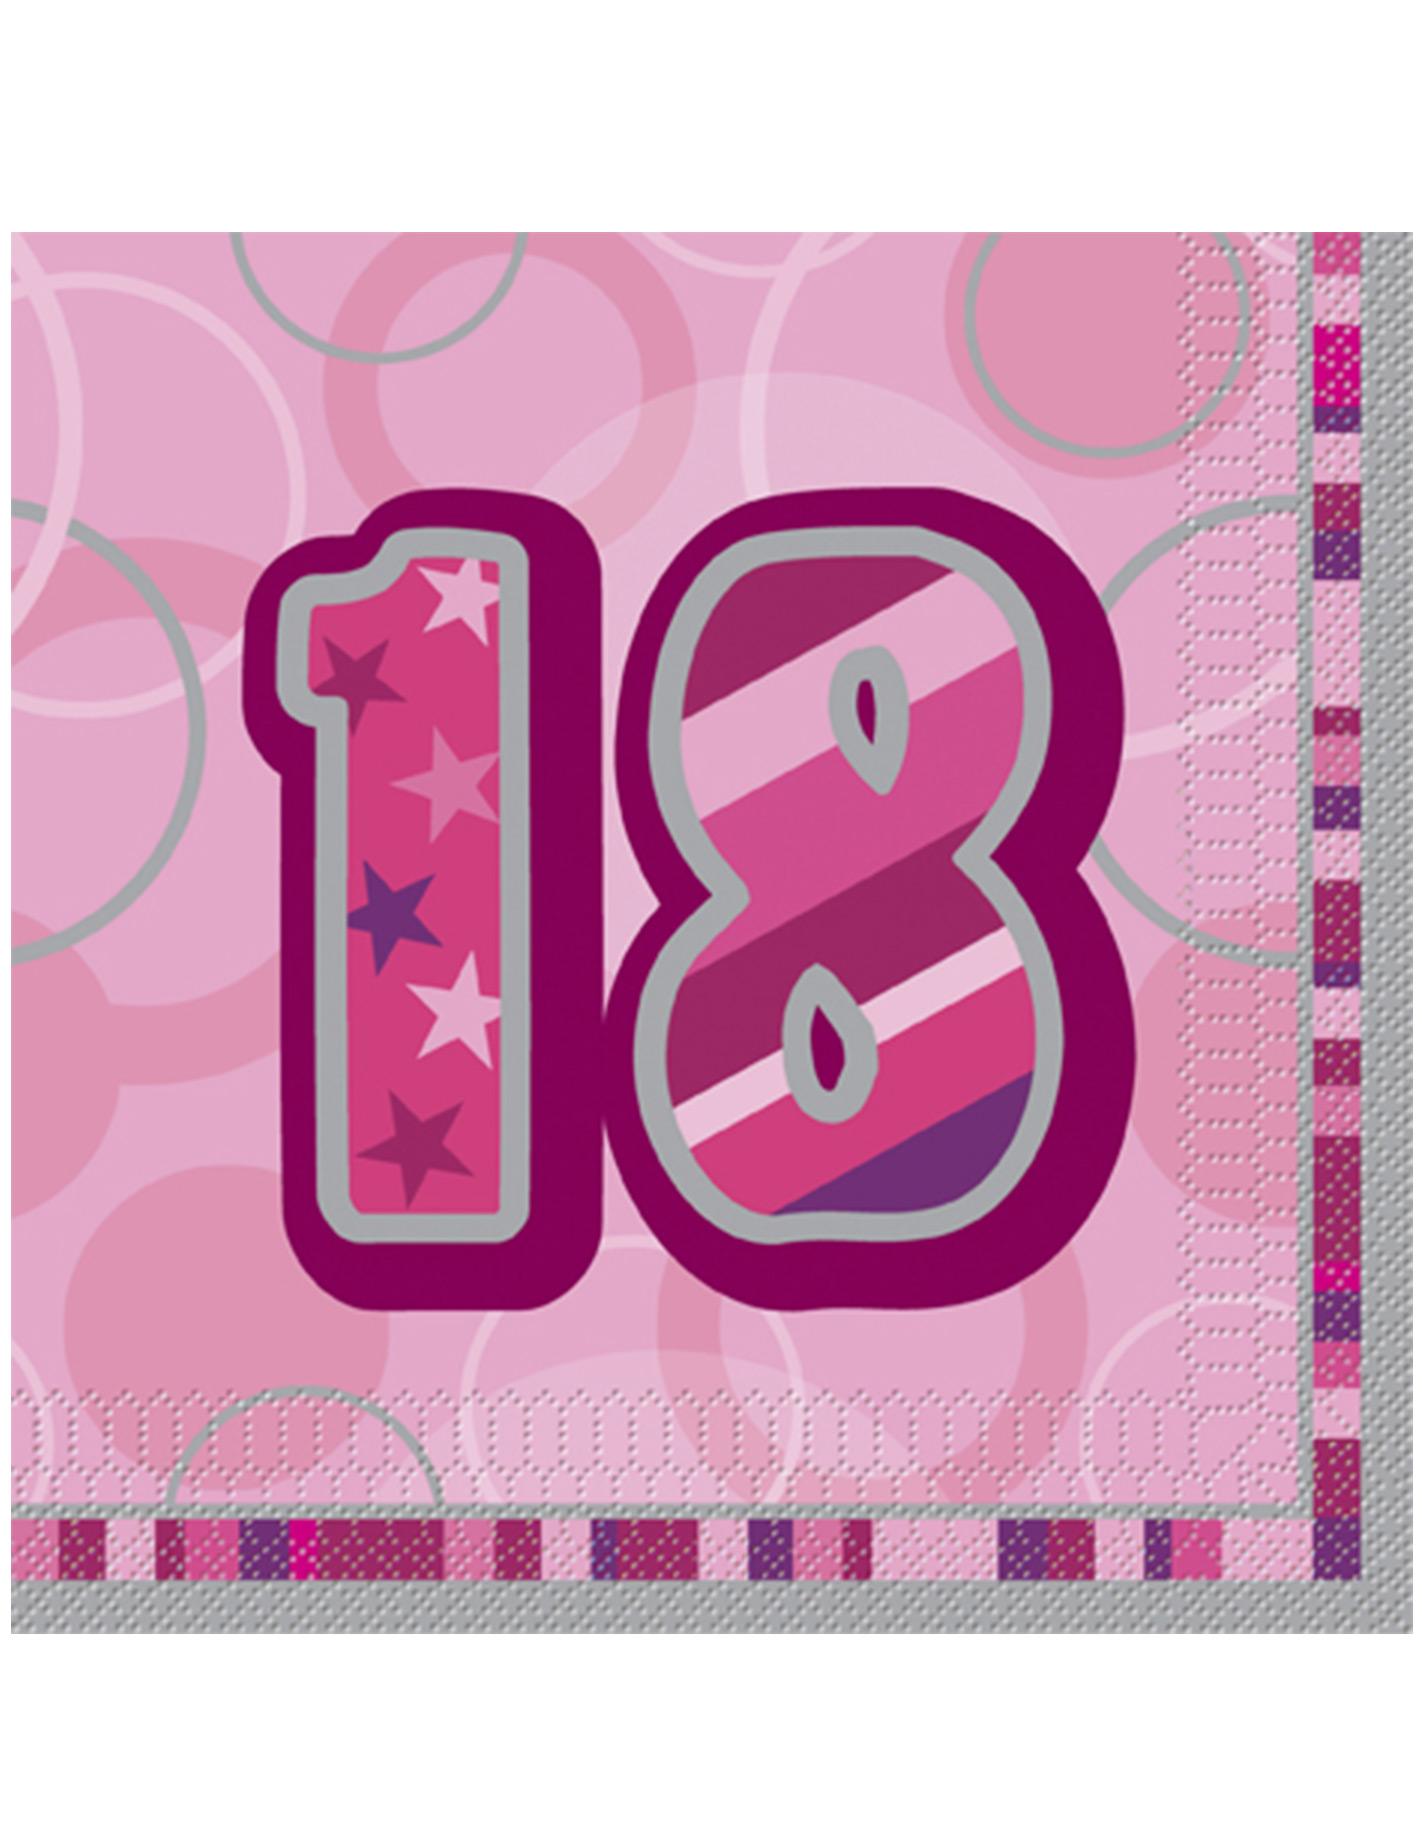 16 serviettes en papier age 18 ans roses 33 x 33 cm d coration anniversaire et f tes th me. Black Bedroom Furniture Sets. Home Design Ideas